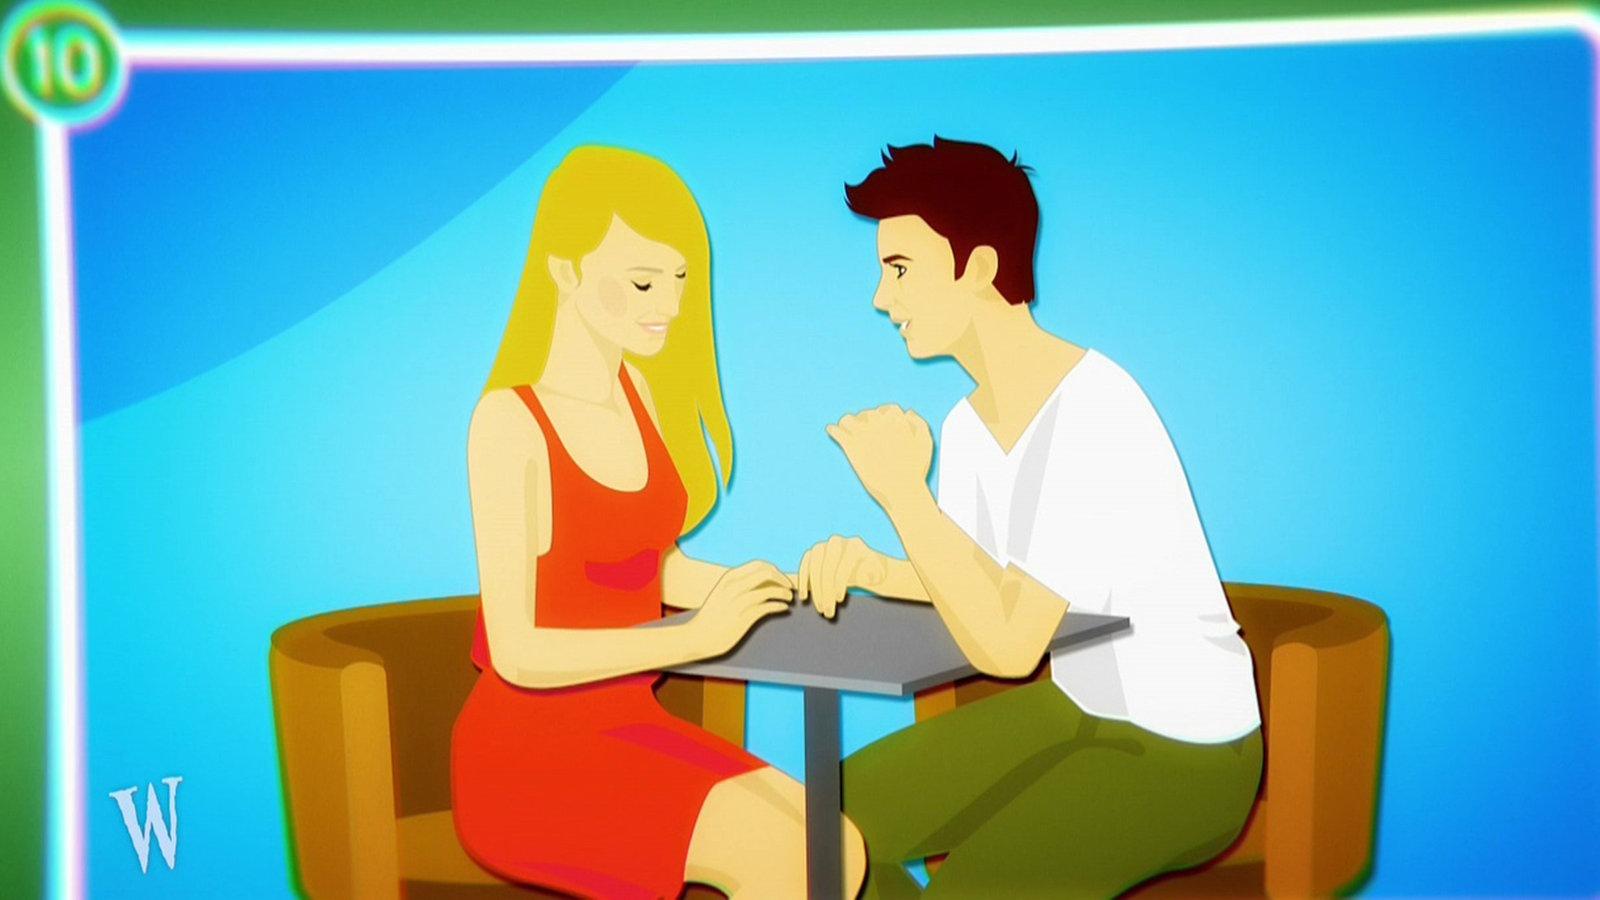 video anleitung tipps f r das erste date du bist kein werwolf kinder. Black Bedroom Furniture Sets. Home Design Ideas